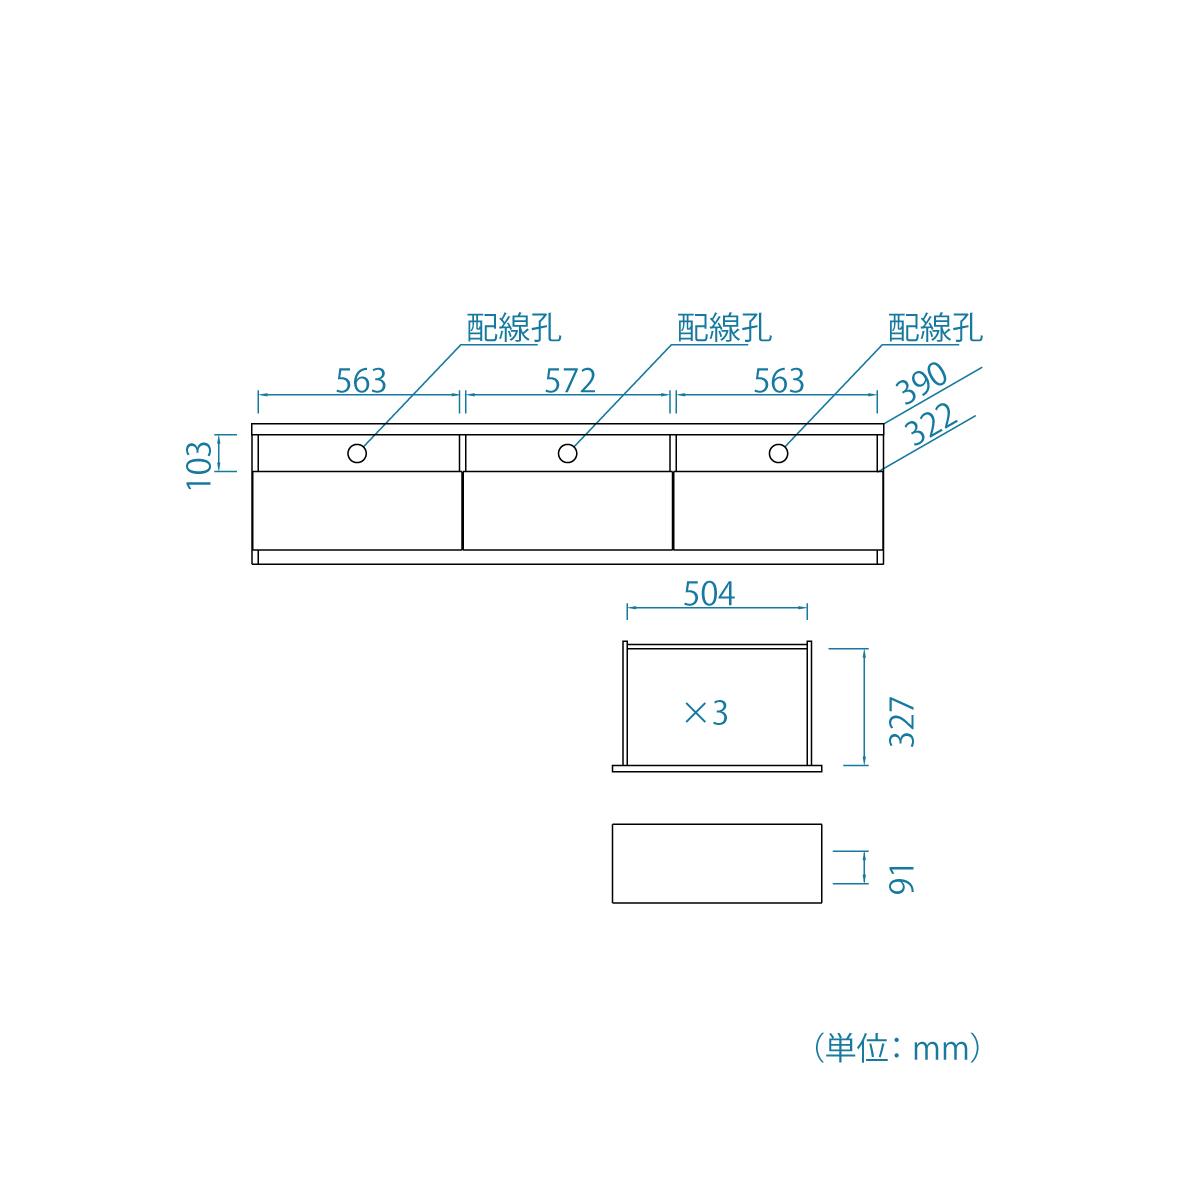 TL3-4018HDK 型図